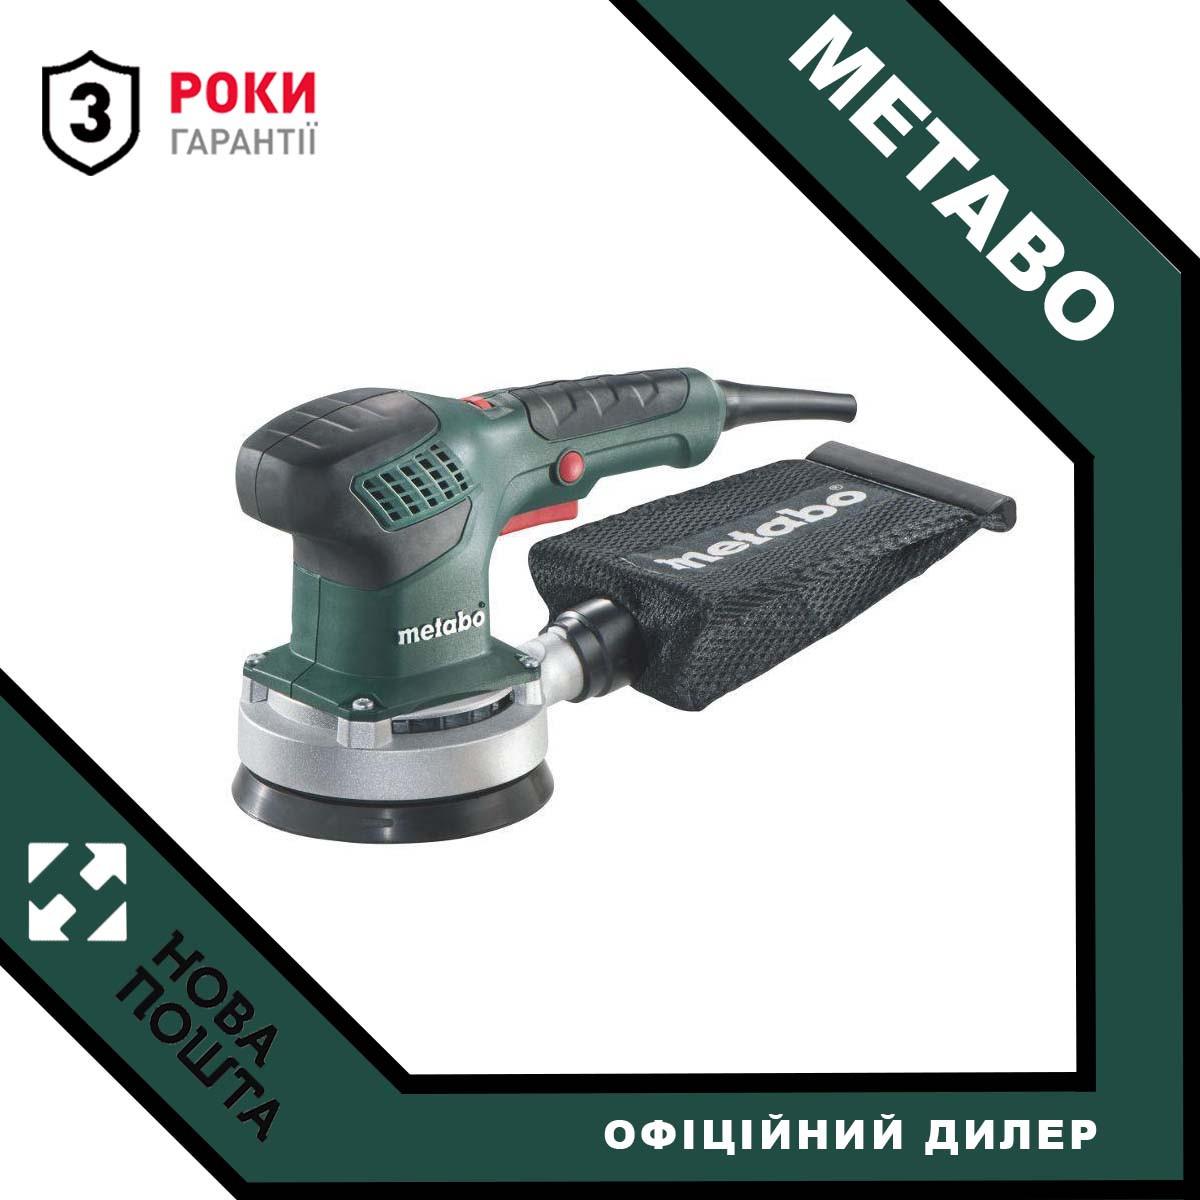 Ексцентрикова шліфмашина Metabo SXE 3125 (600443000)